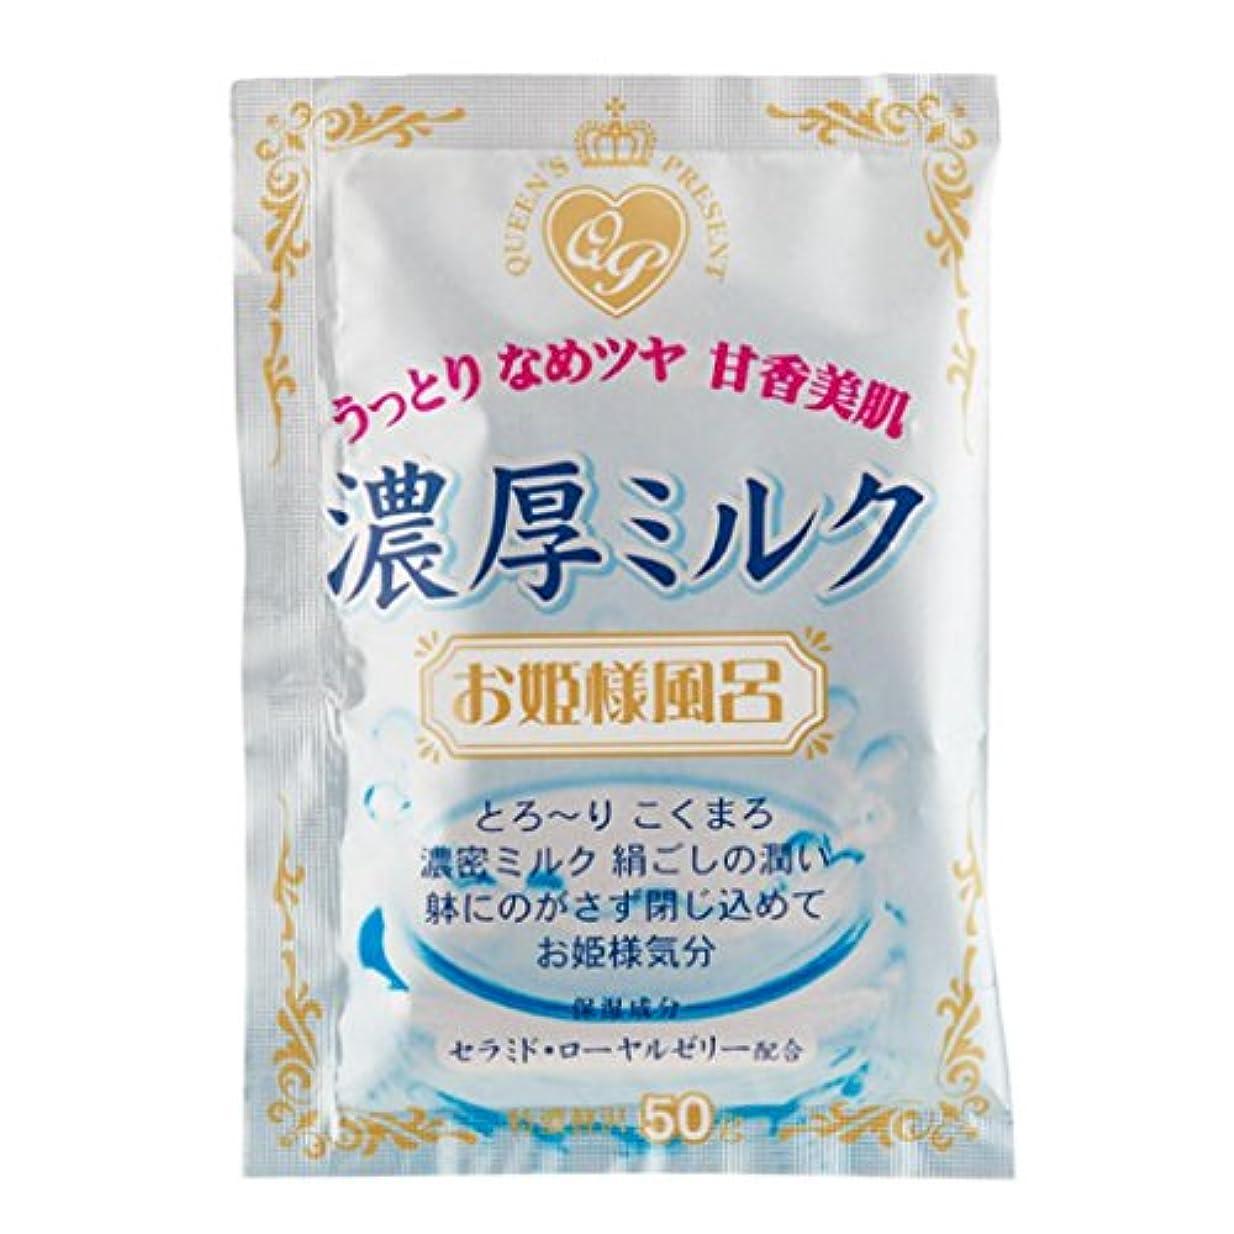 航空会社マイコン有限紀陽除虫菊 お姫様風呂  濃厚ミルク【まとめ買い12個セット】 N-8160